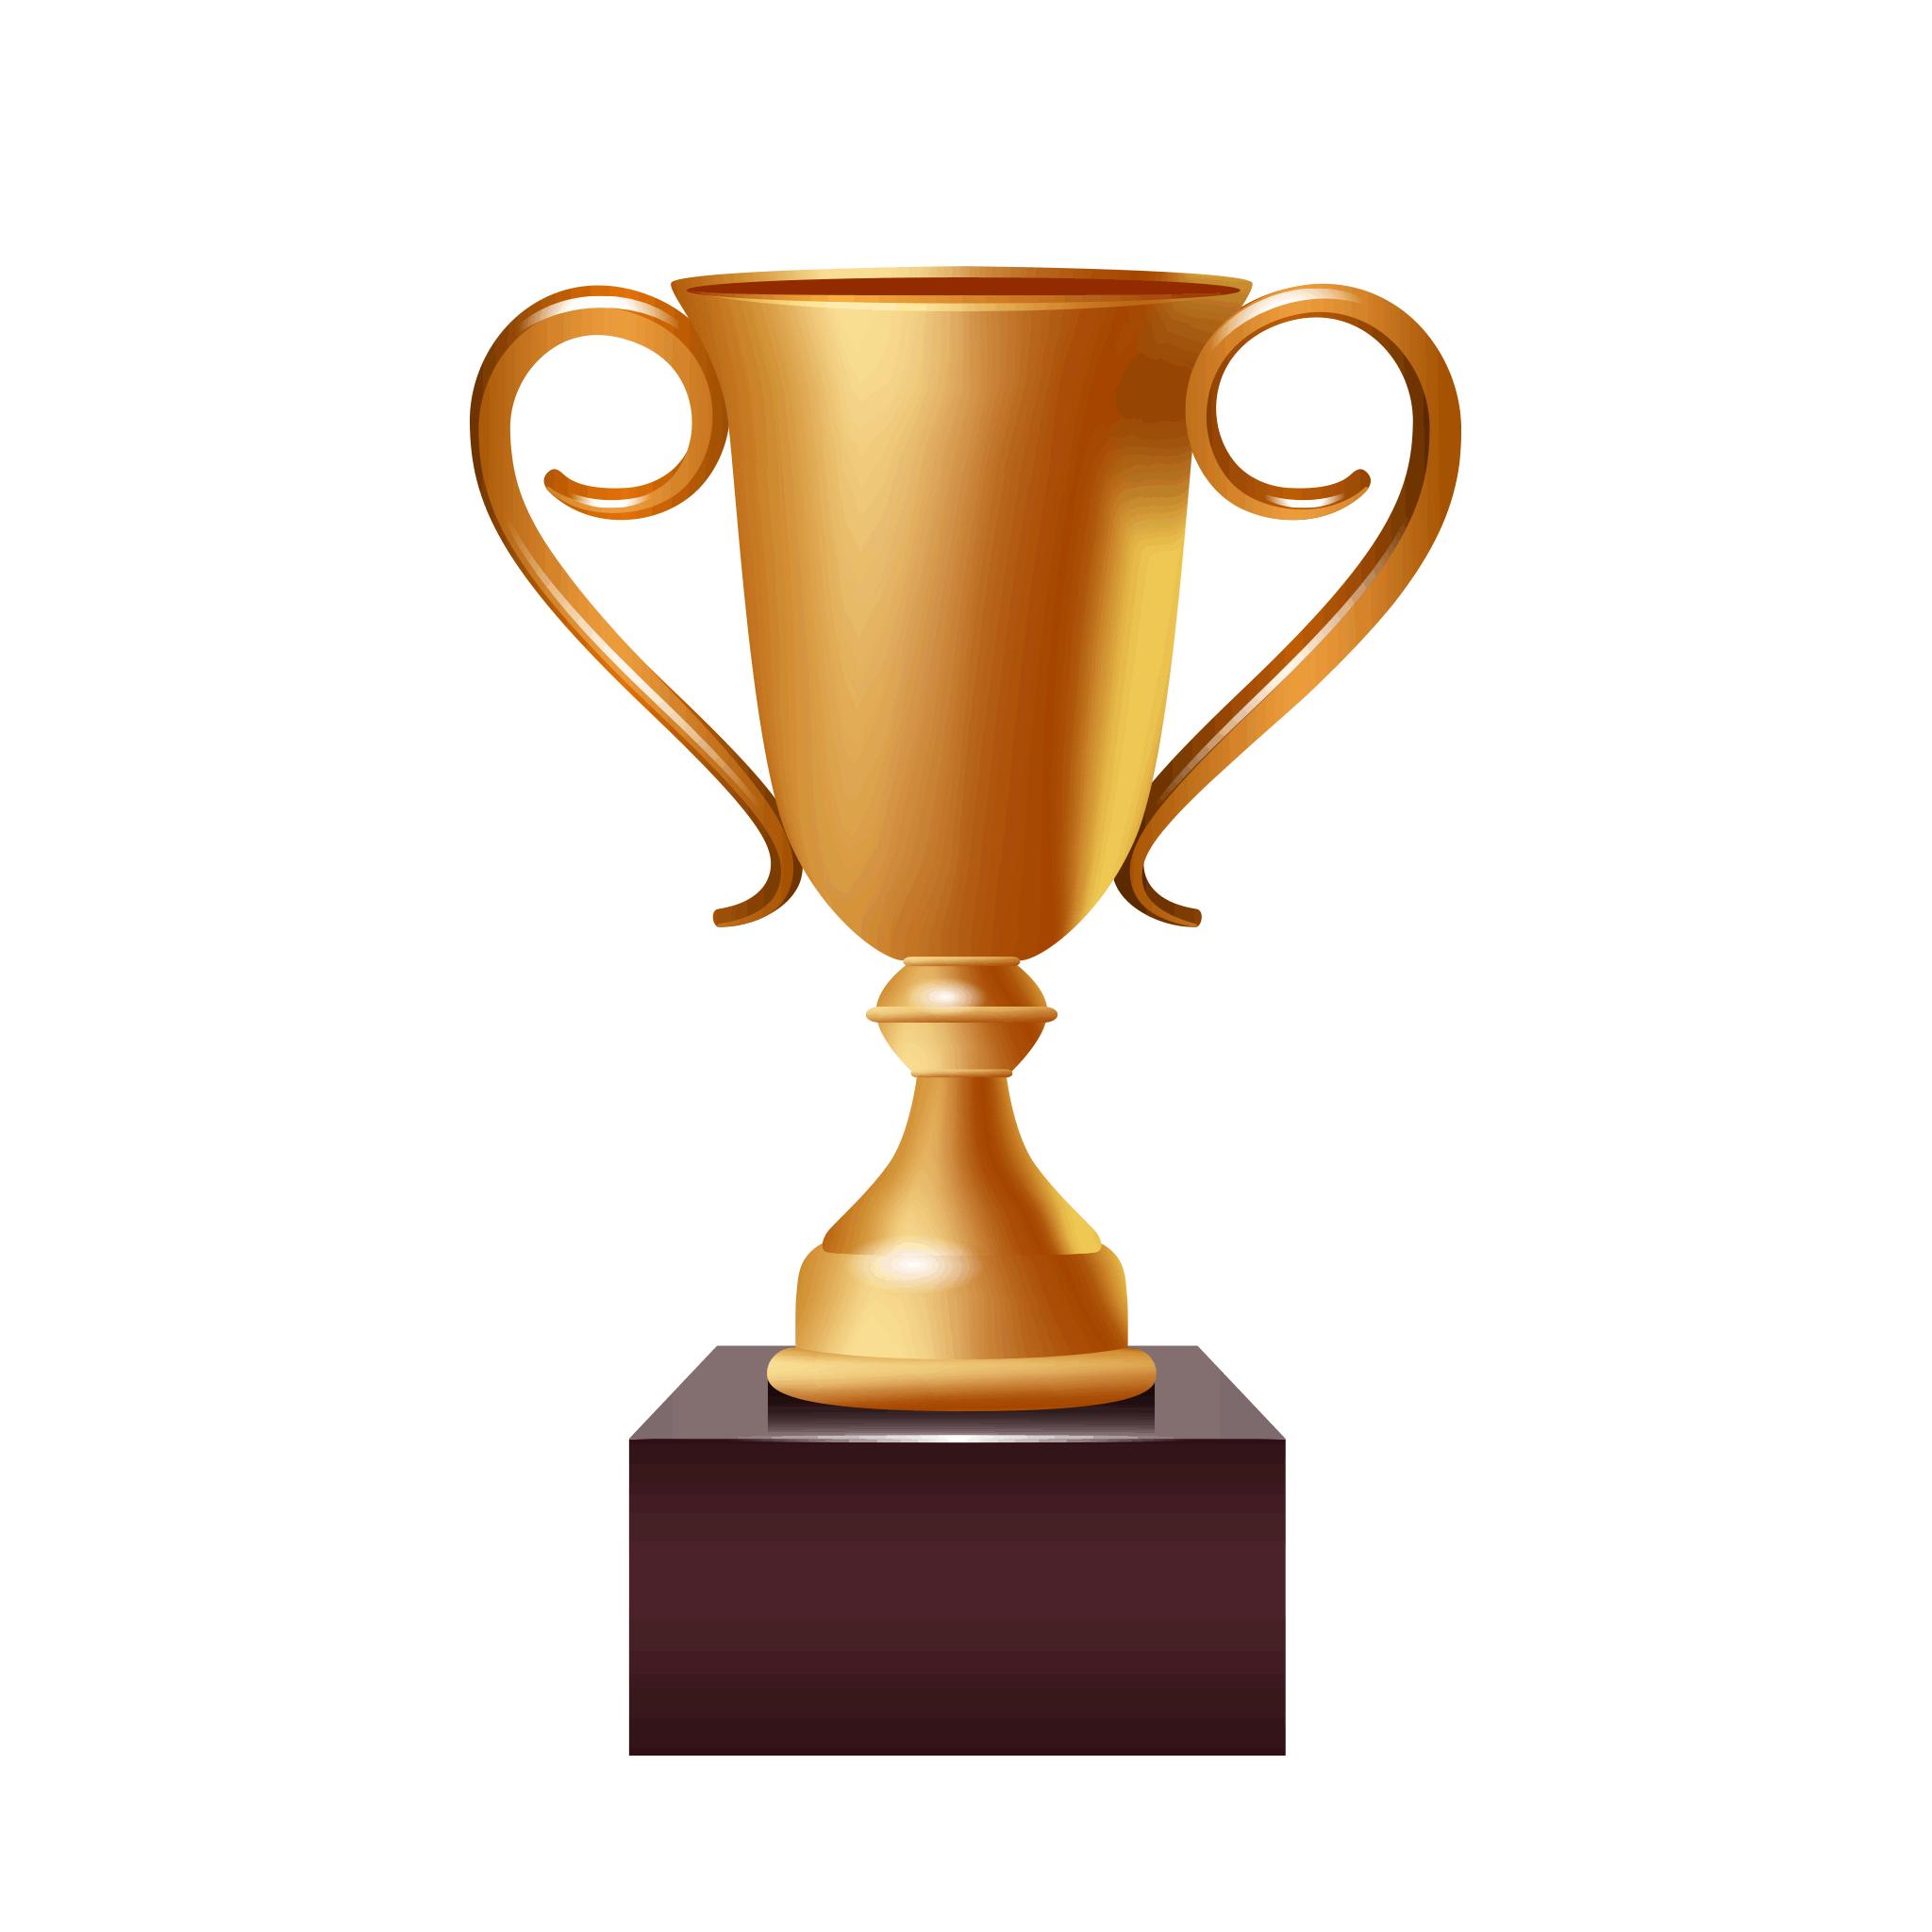 Trophy clipart white no background clip art transparent Trophy transparent background - Search Png clip art transparent